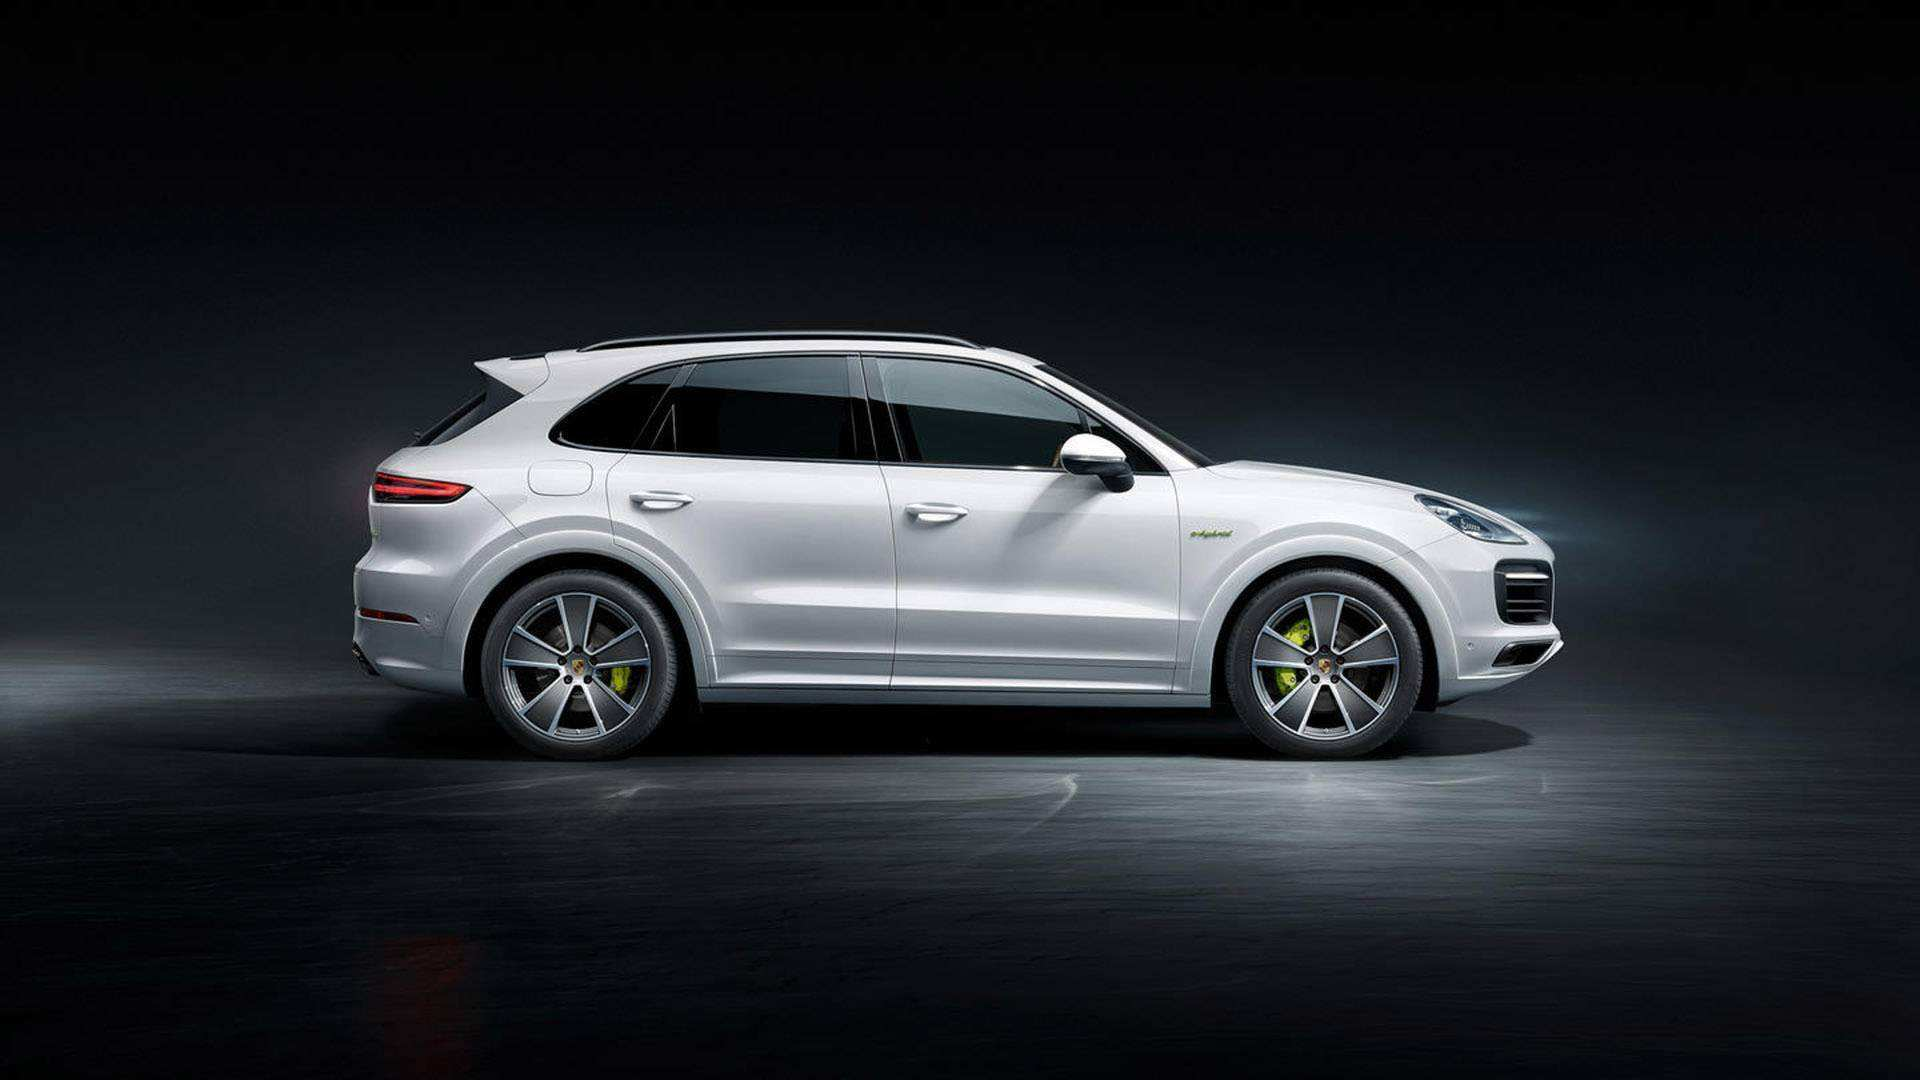 56 Great 2019 Porsche E Hybrid Release Date for 2019 Porsche E Hybrid